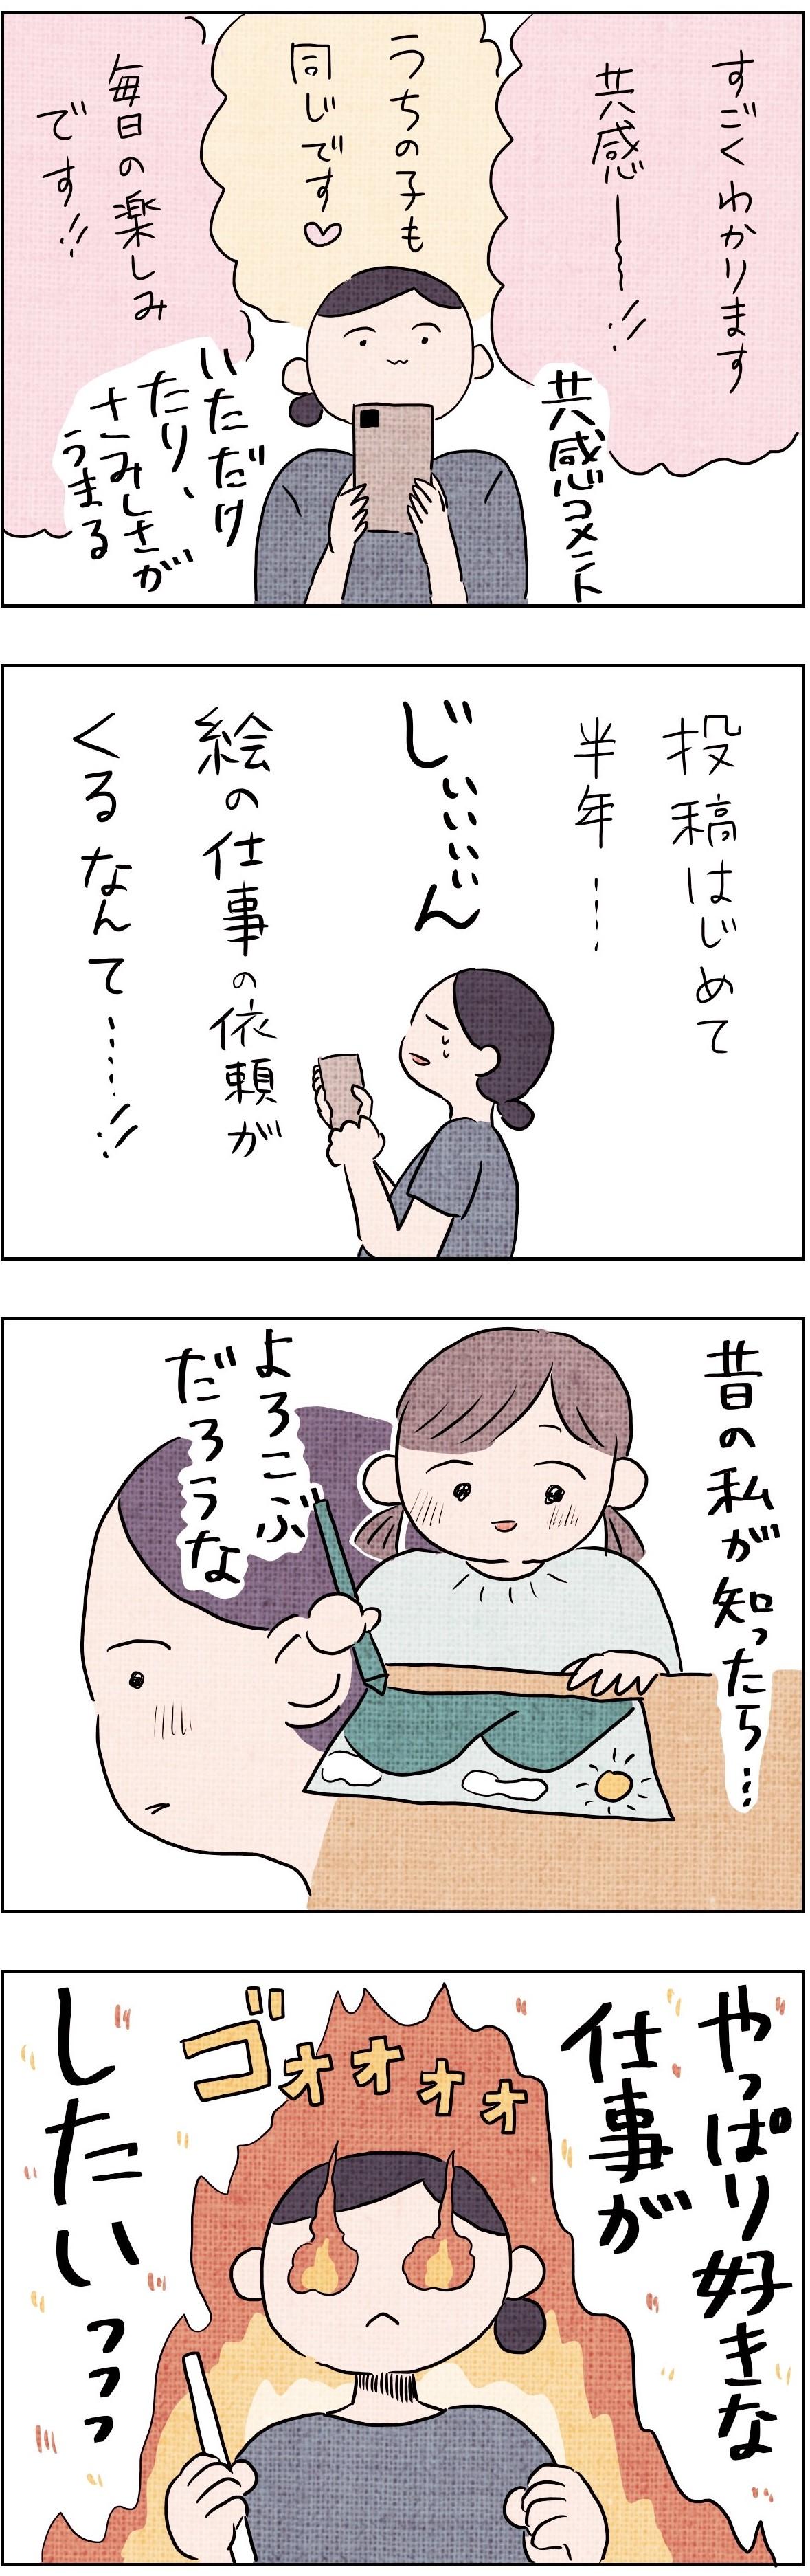 【連載】ママでも夢見ていいですか?~4児の母の挑戦記録~第9話2